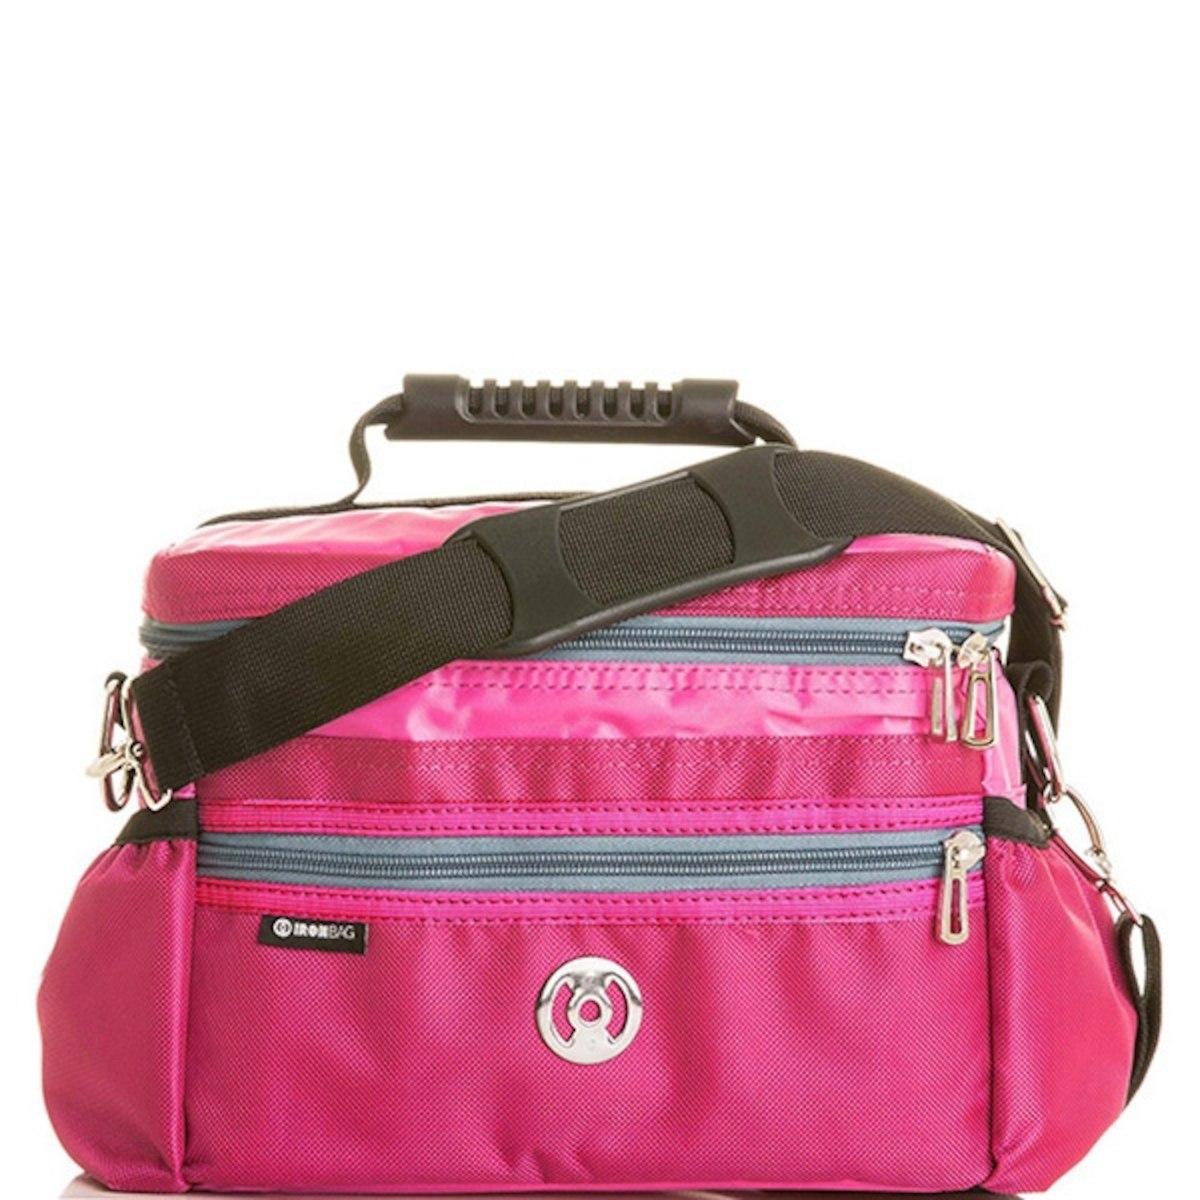 753b031ab Bolsa Térmica Iron Bag Média Pop Rosa - Bolsa Térmica Fitness